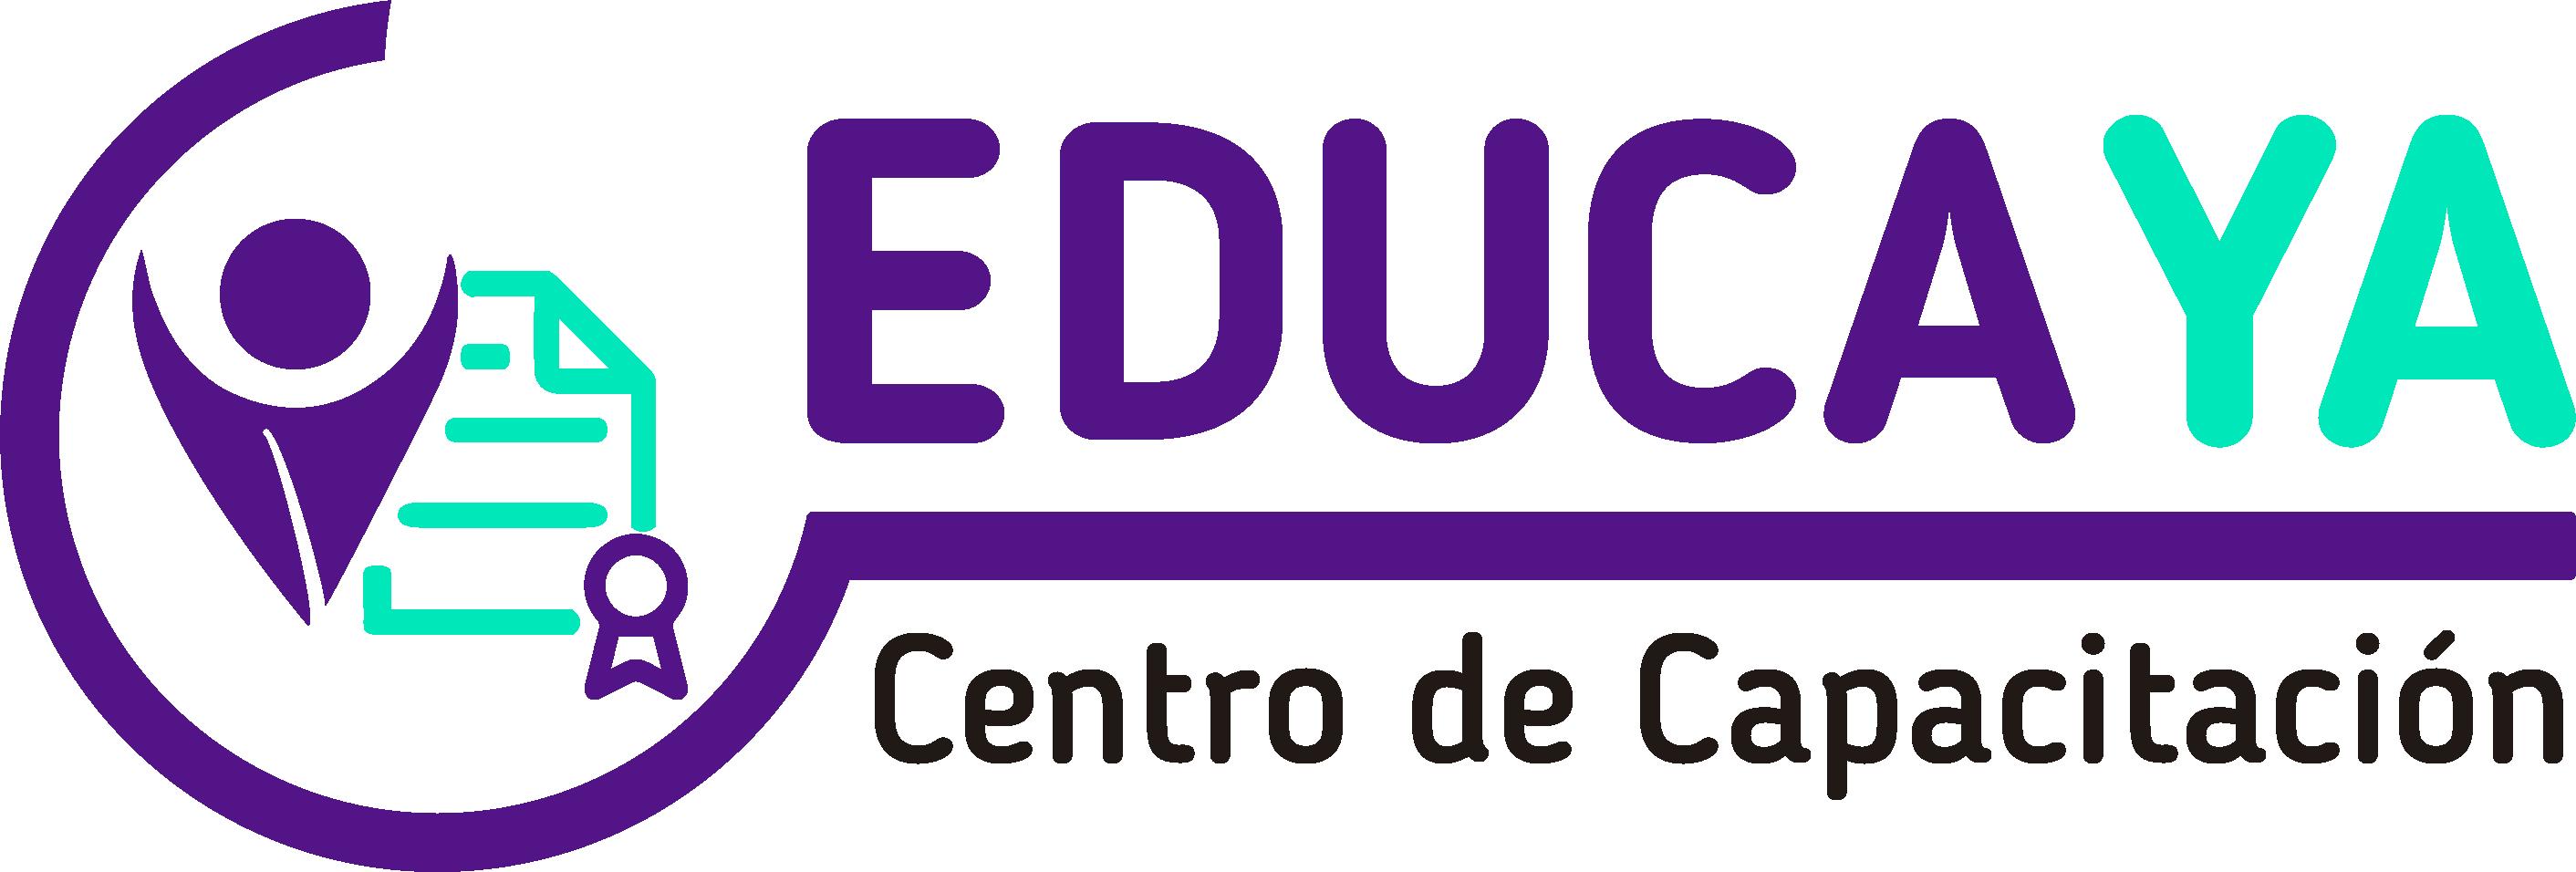 Logo Otec Pablo Mauricio Sainz Lopez E.I.R.L